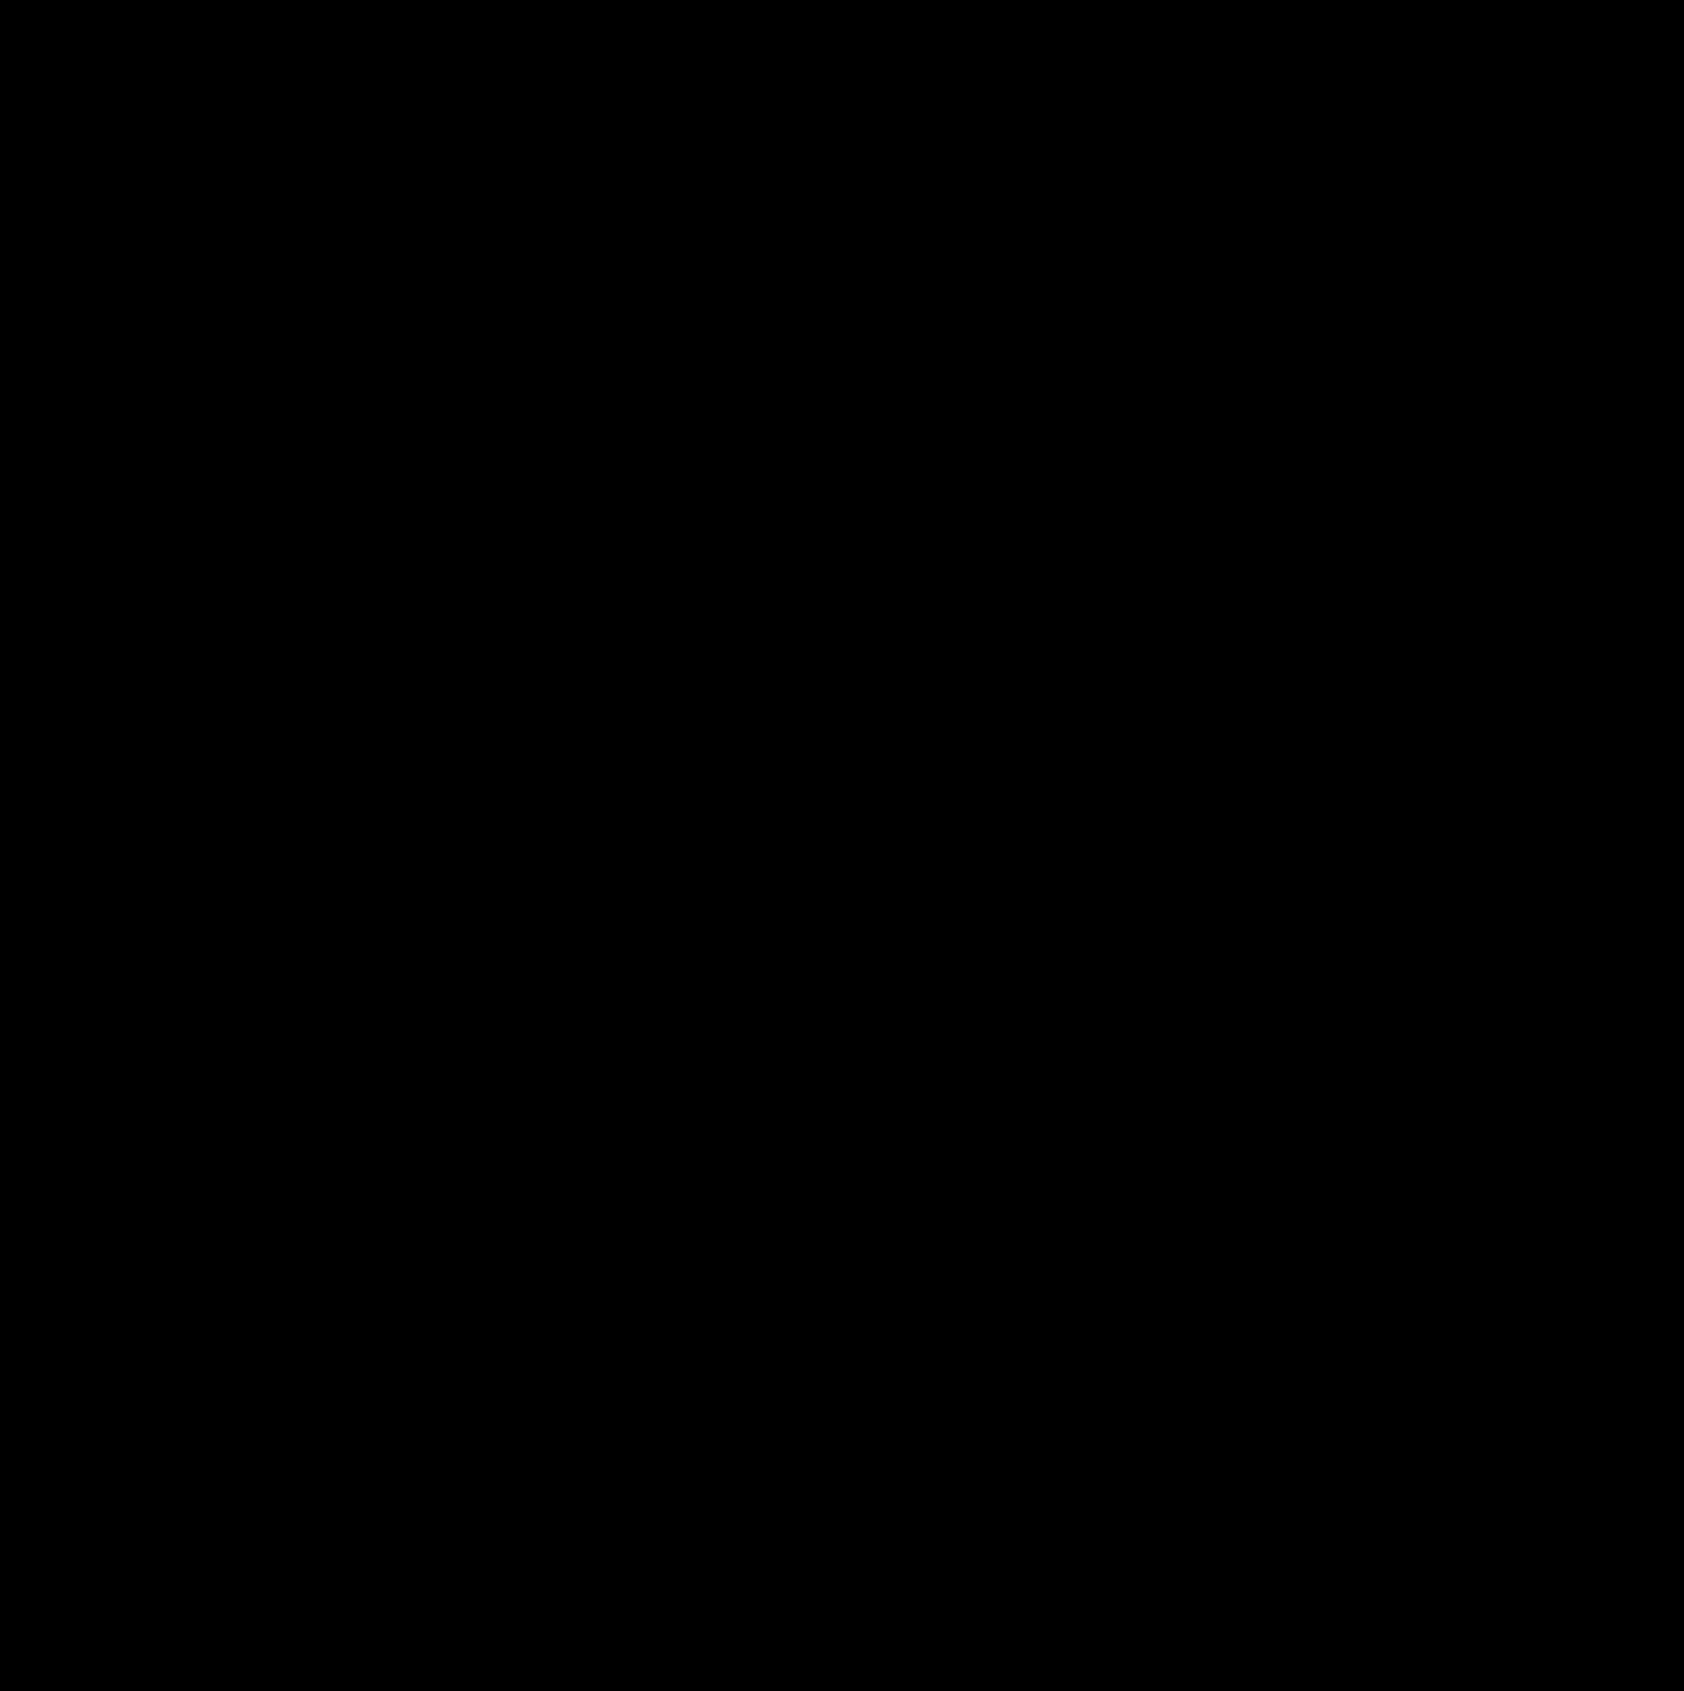 Al(III) Phthalocyanine Chloride Tetrasulfonic Acid